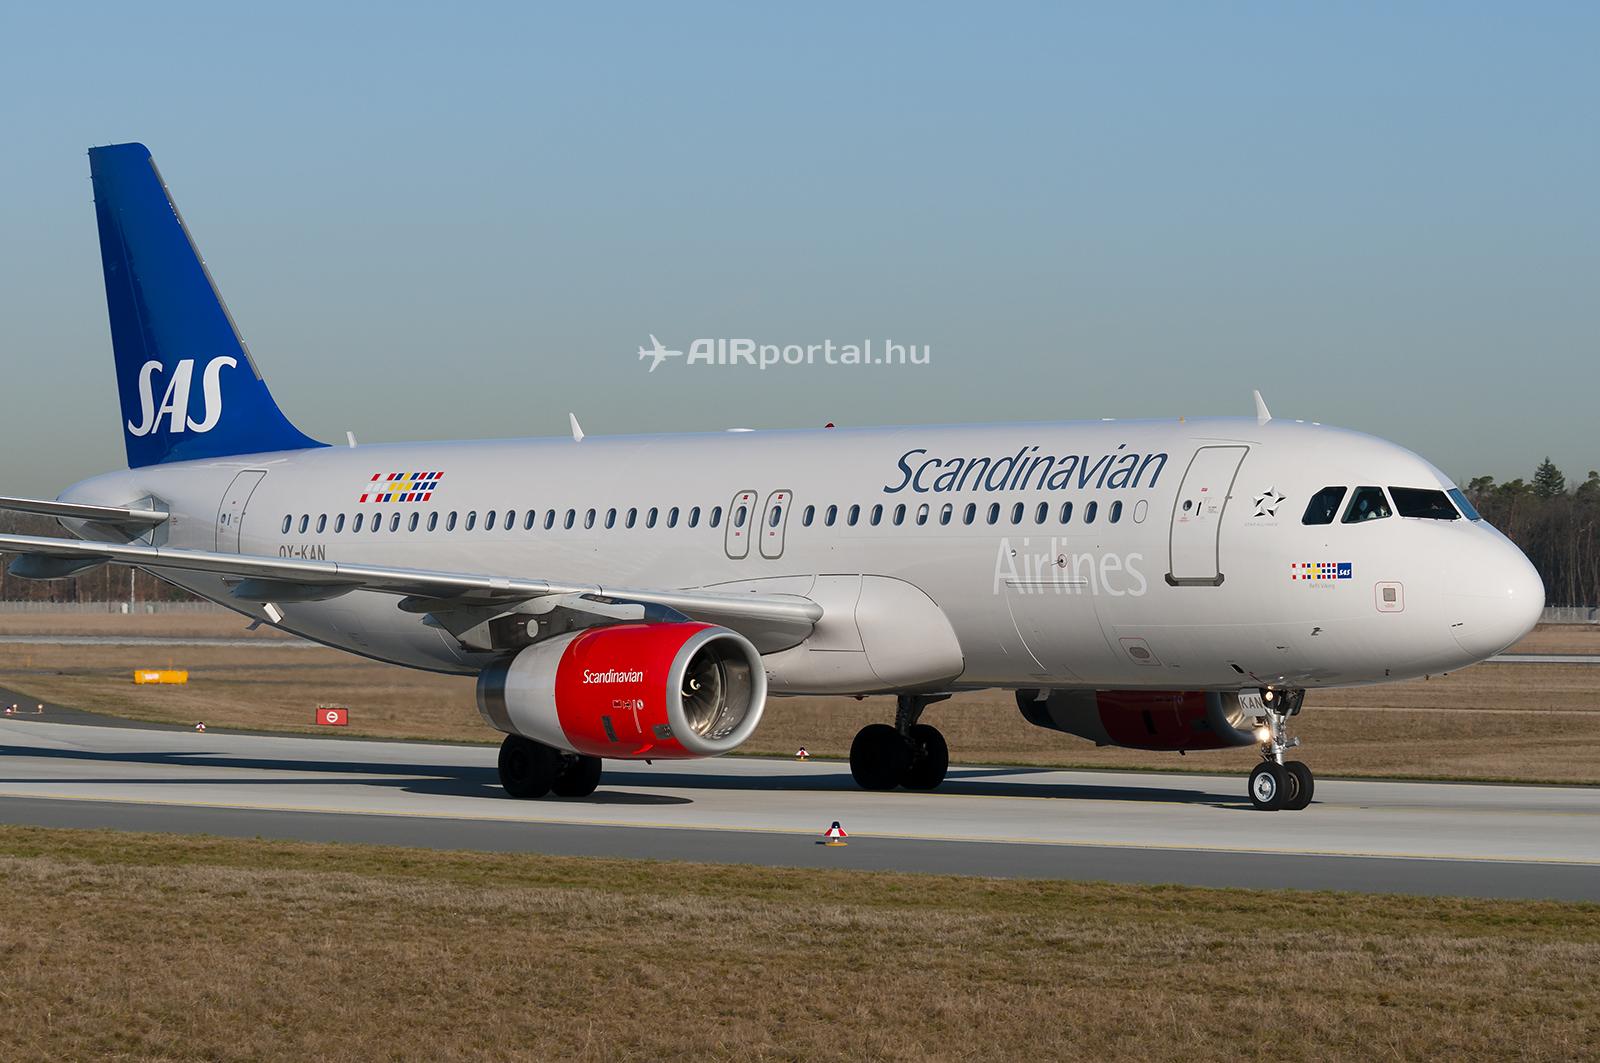 A társaság repülőgépei a három tulajdonos ország hatóságainál vannak bejegyezve. A képen egy dán Airbus A320-as gurul a frankfurti repülőtéren. (Fotó: Bodorics Tamás - AIRportal.hu) | © AIRportal.hu